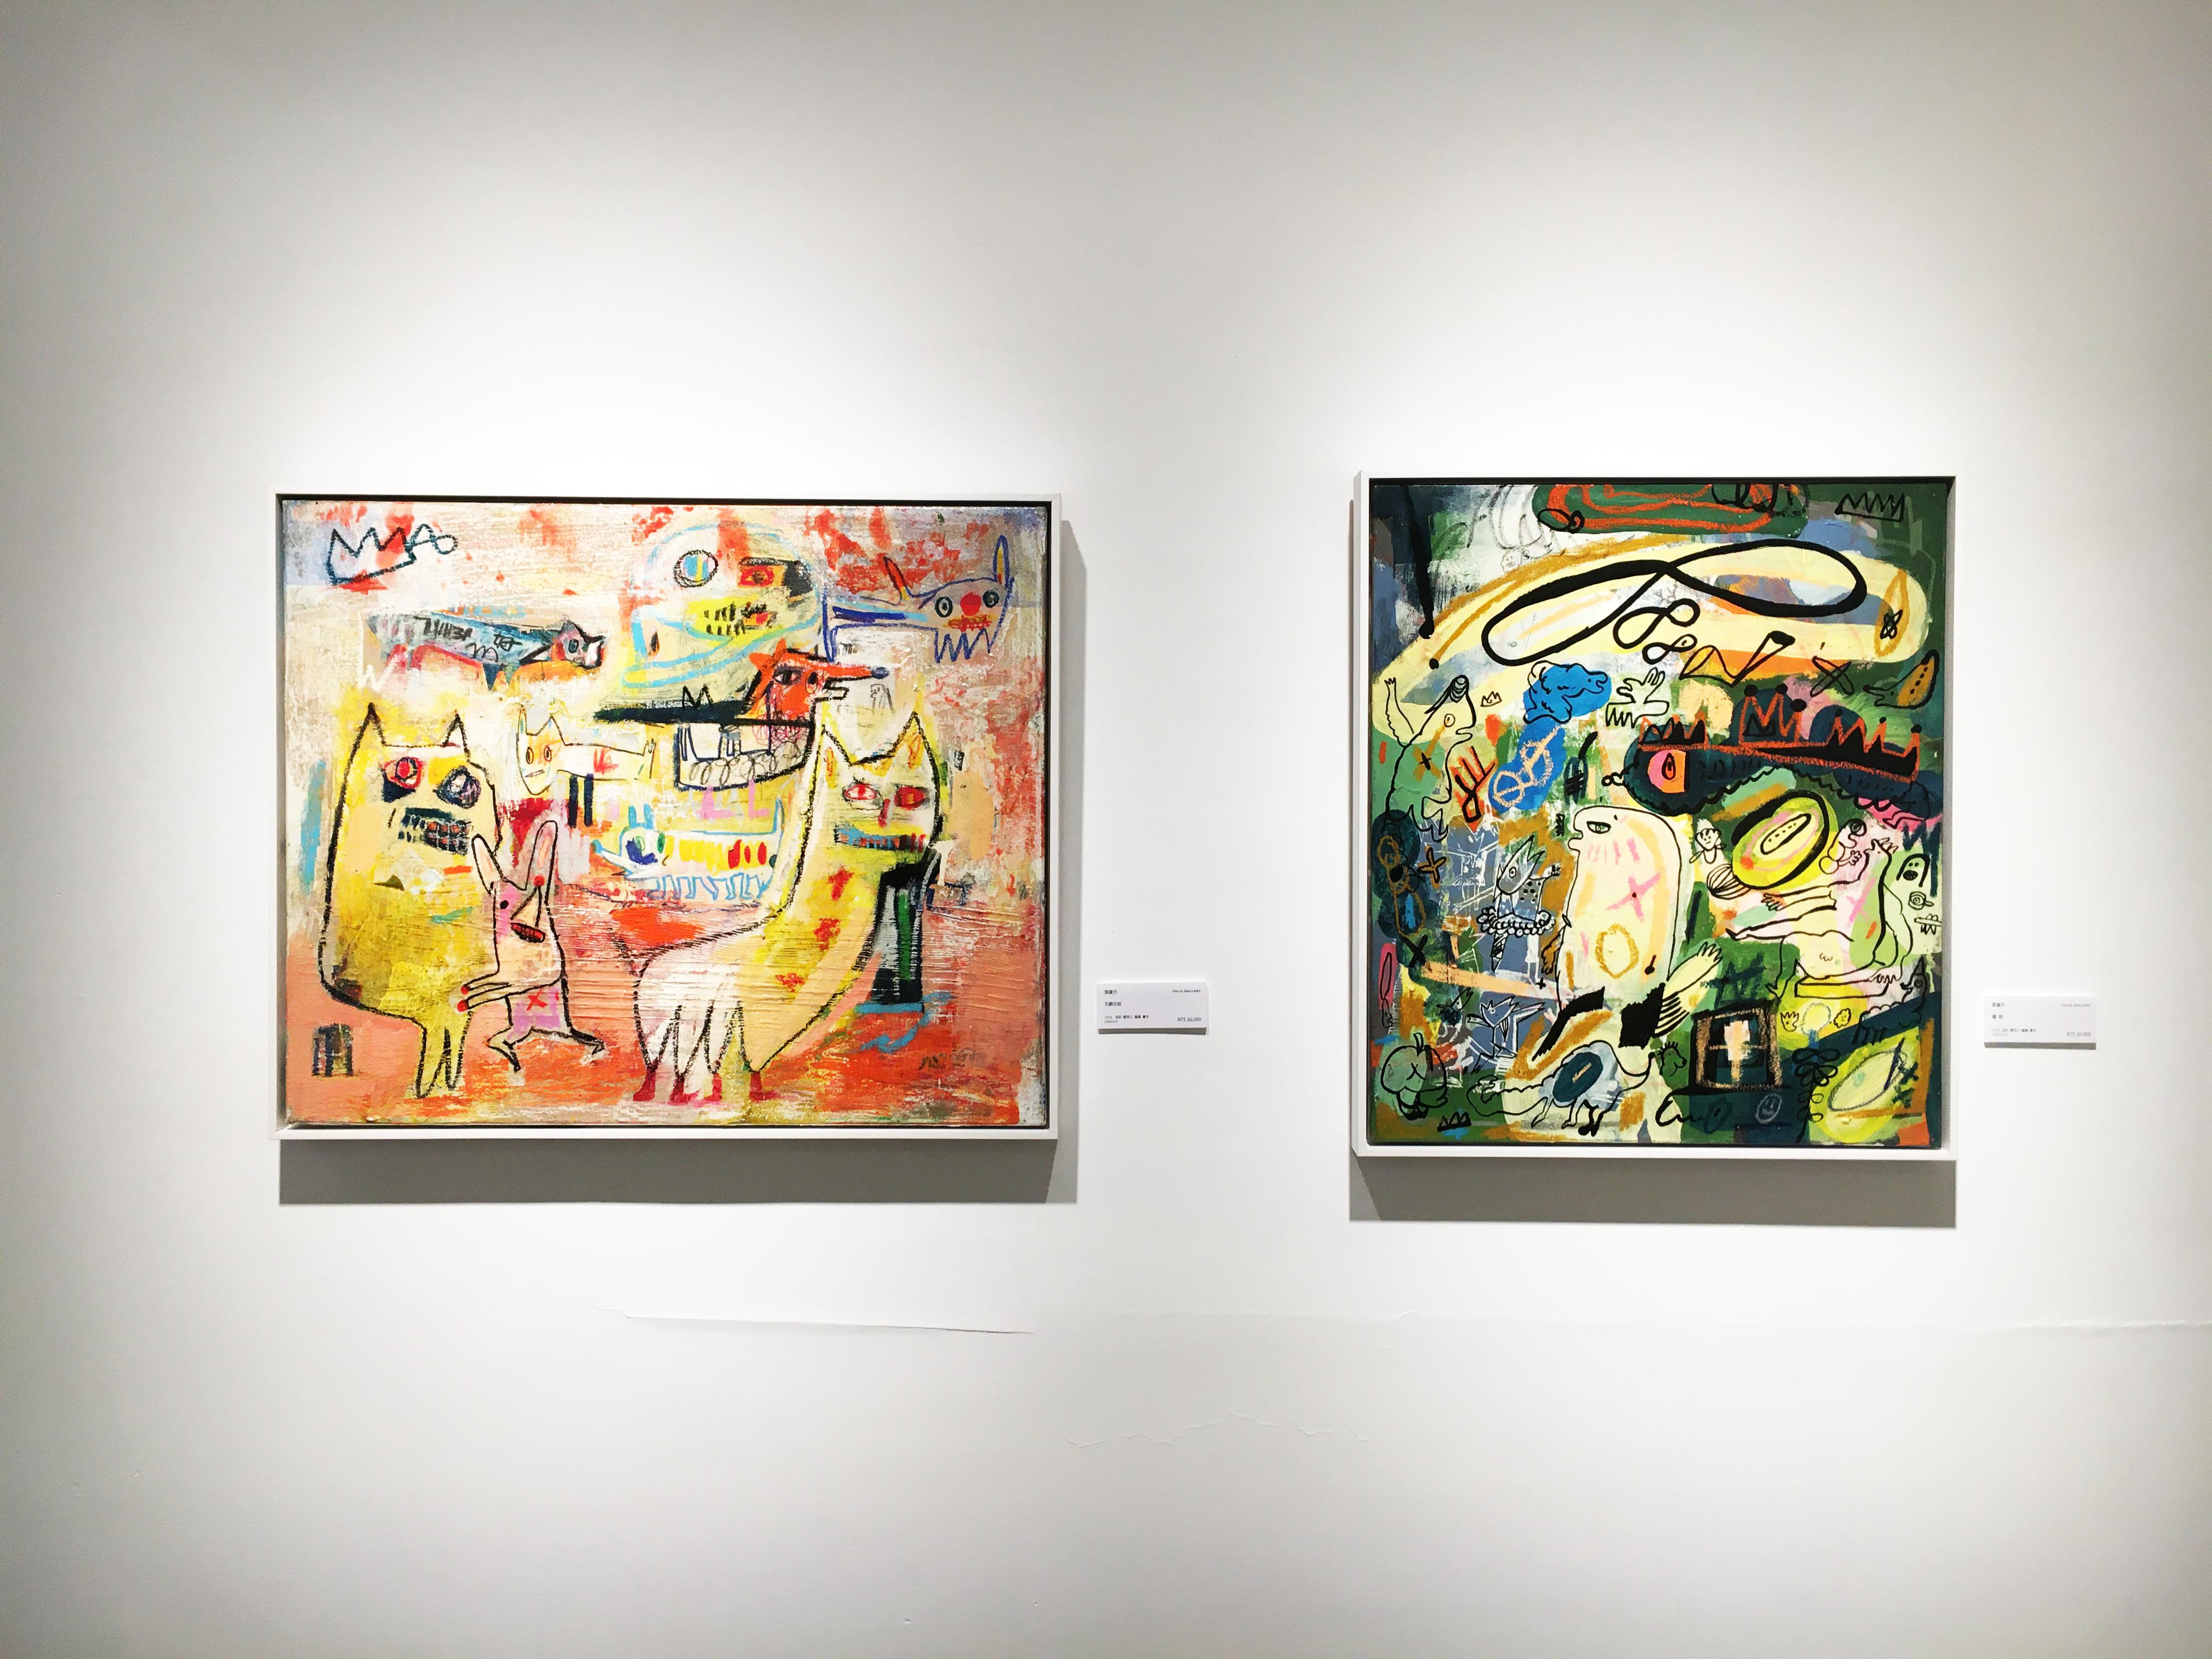 雅逸藝術中心展出藝術家張瓊方系列作品。